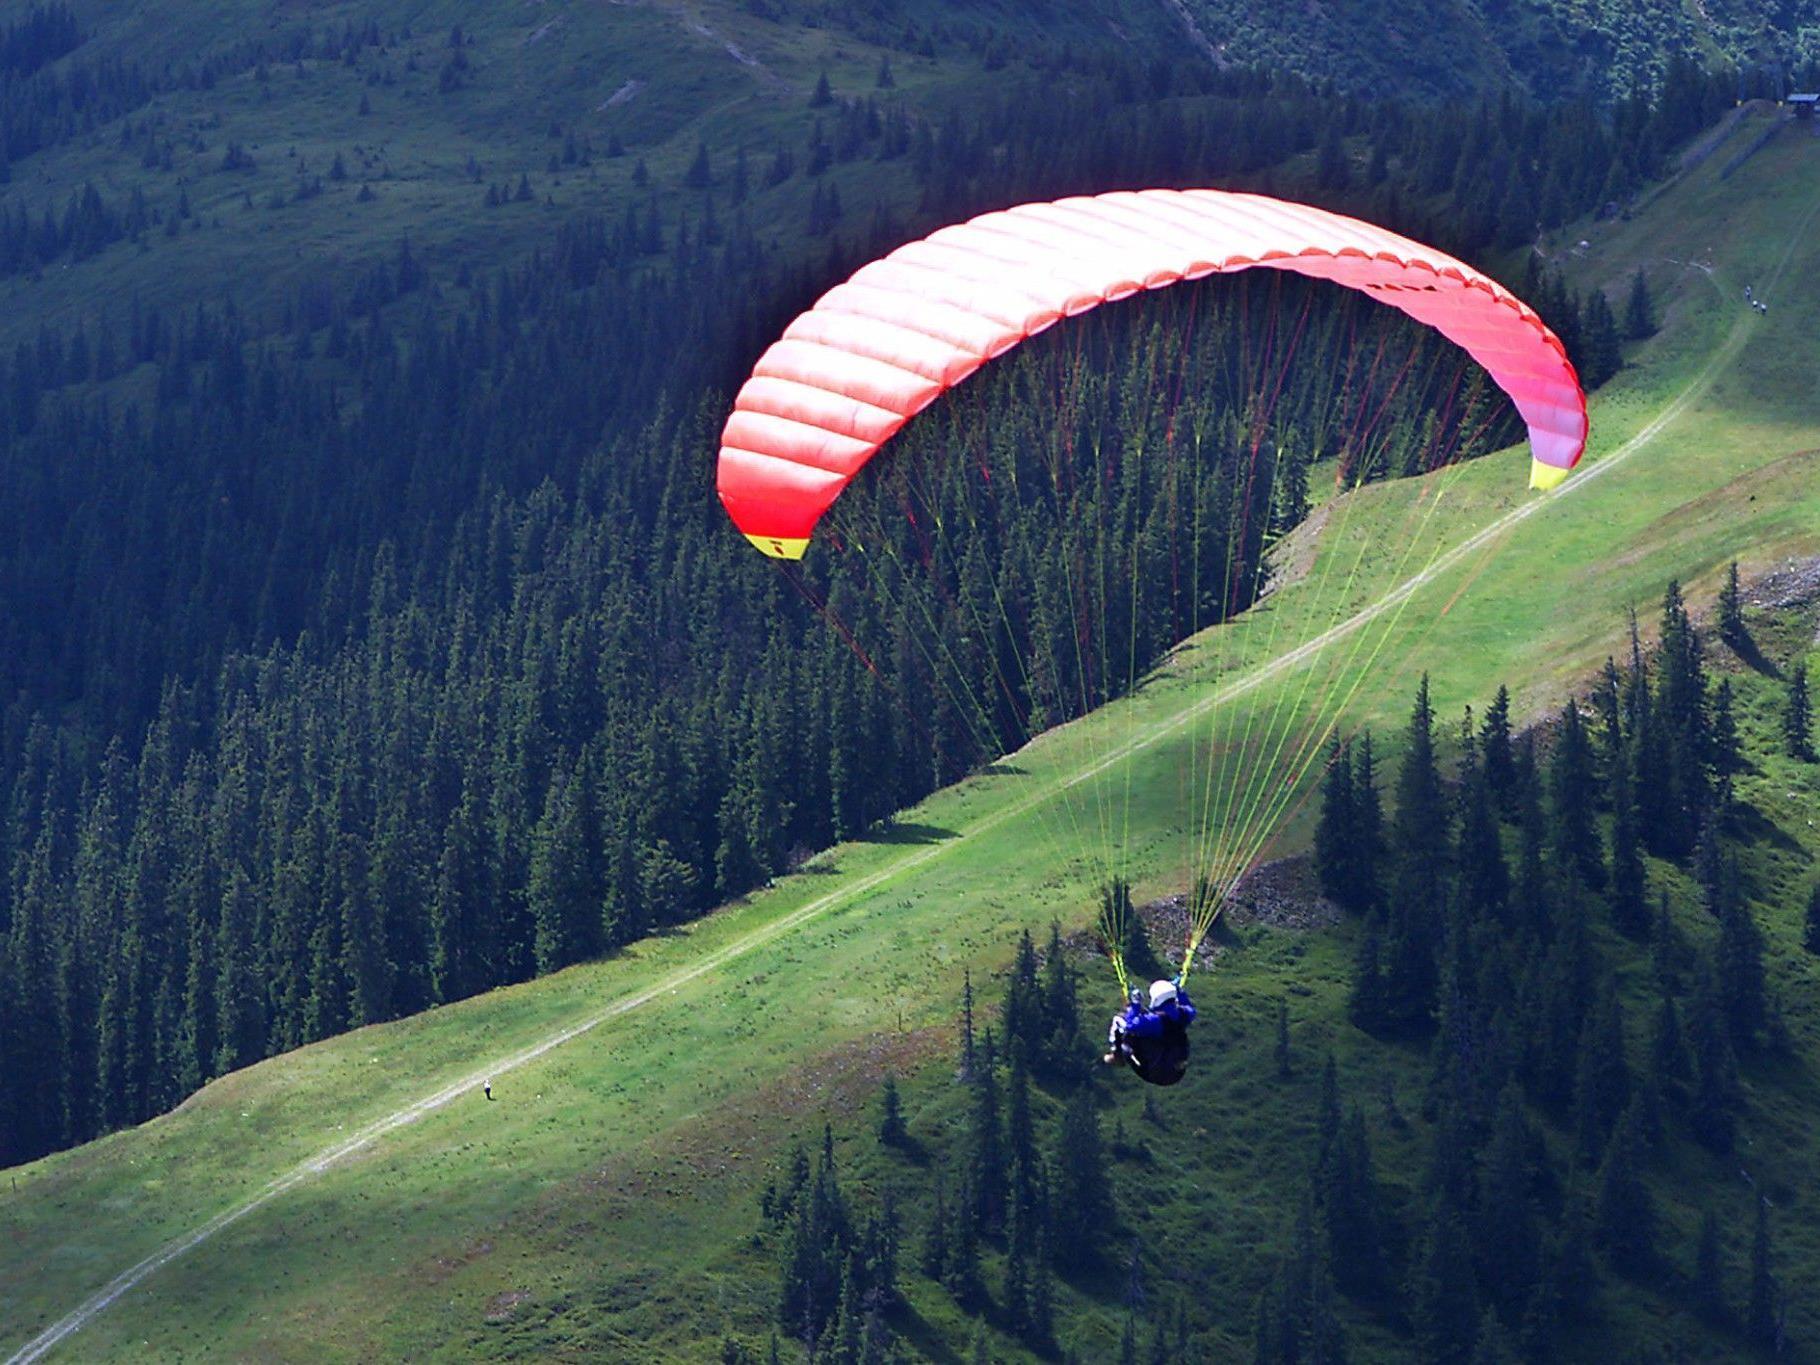 Nach kurzer Flugstrecke verfing sich der Gleitschirm in der Baumkrone einer rund 20 Meter hohen Buche und blieb dort hängen.